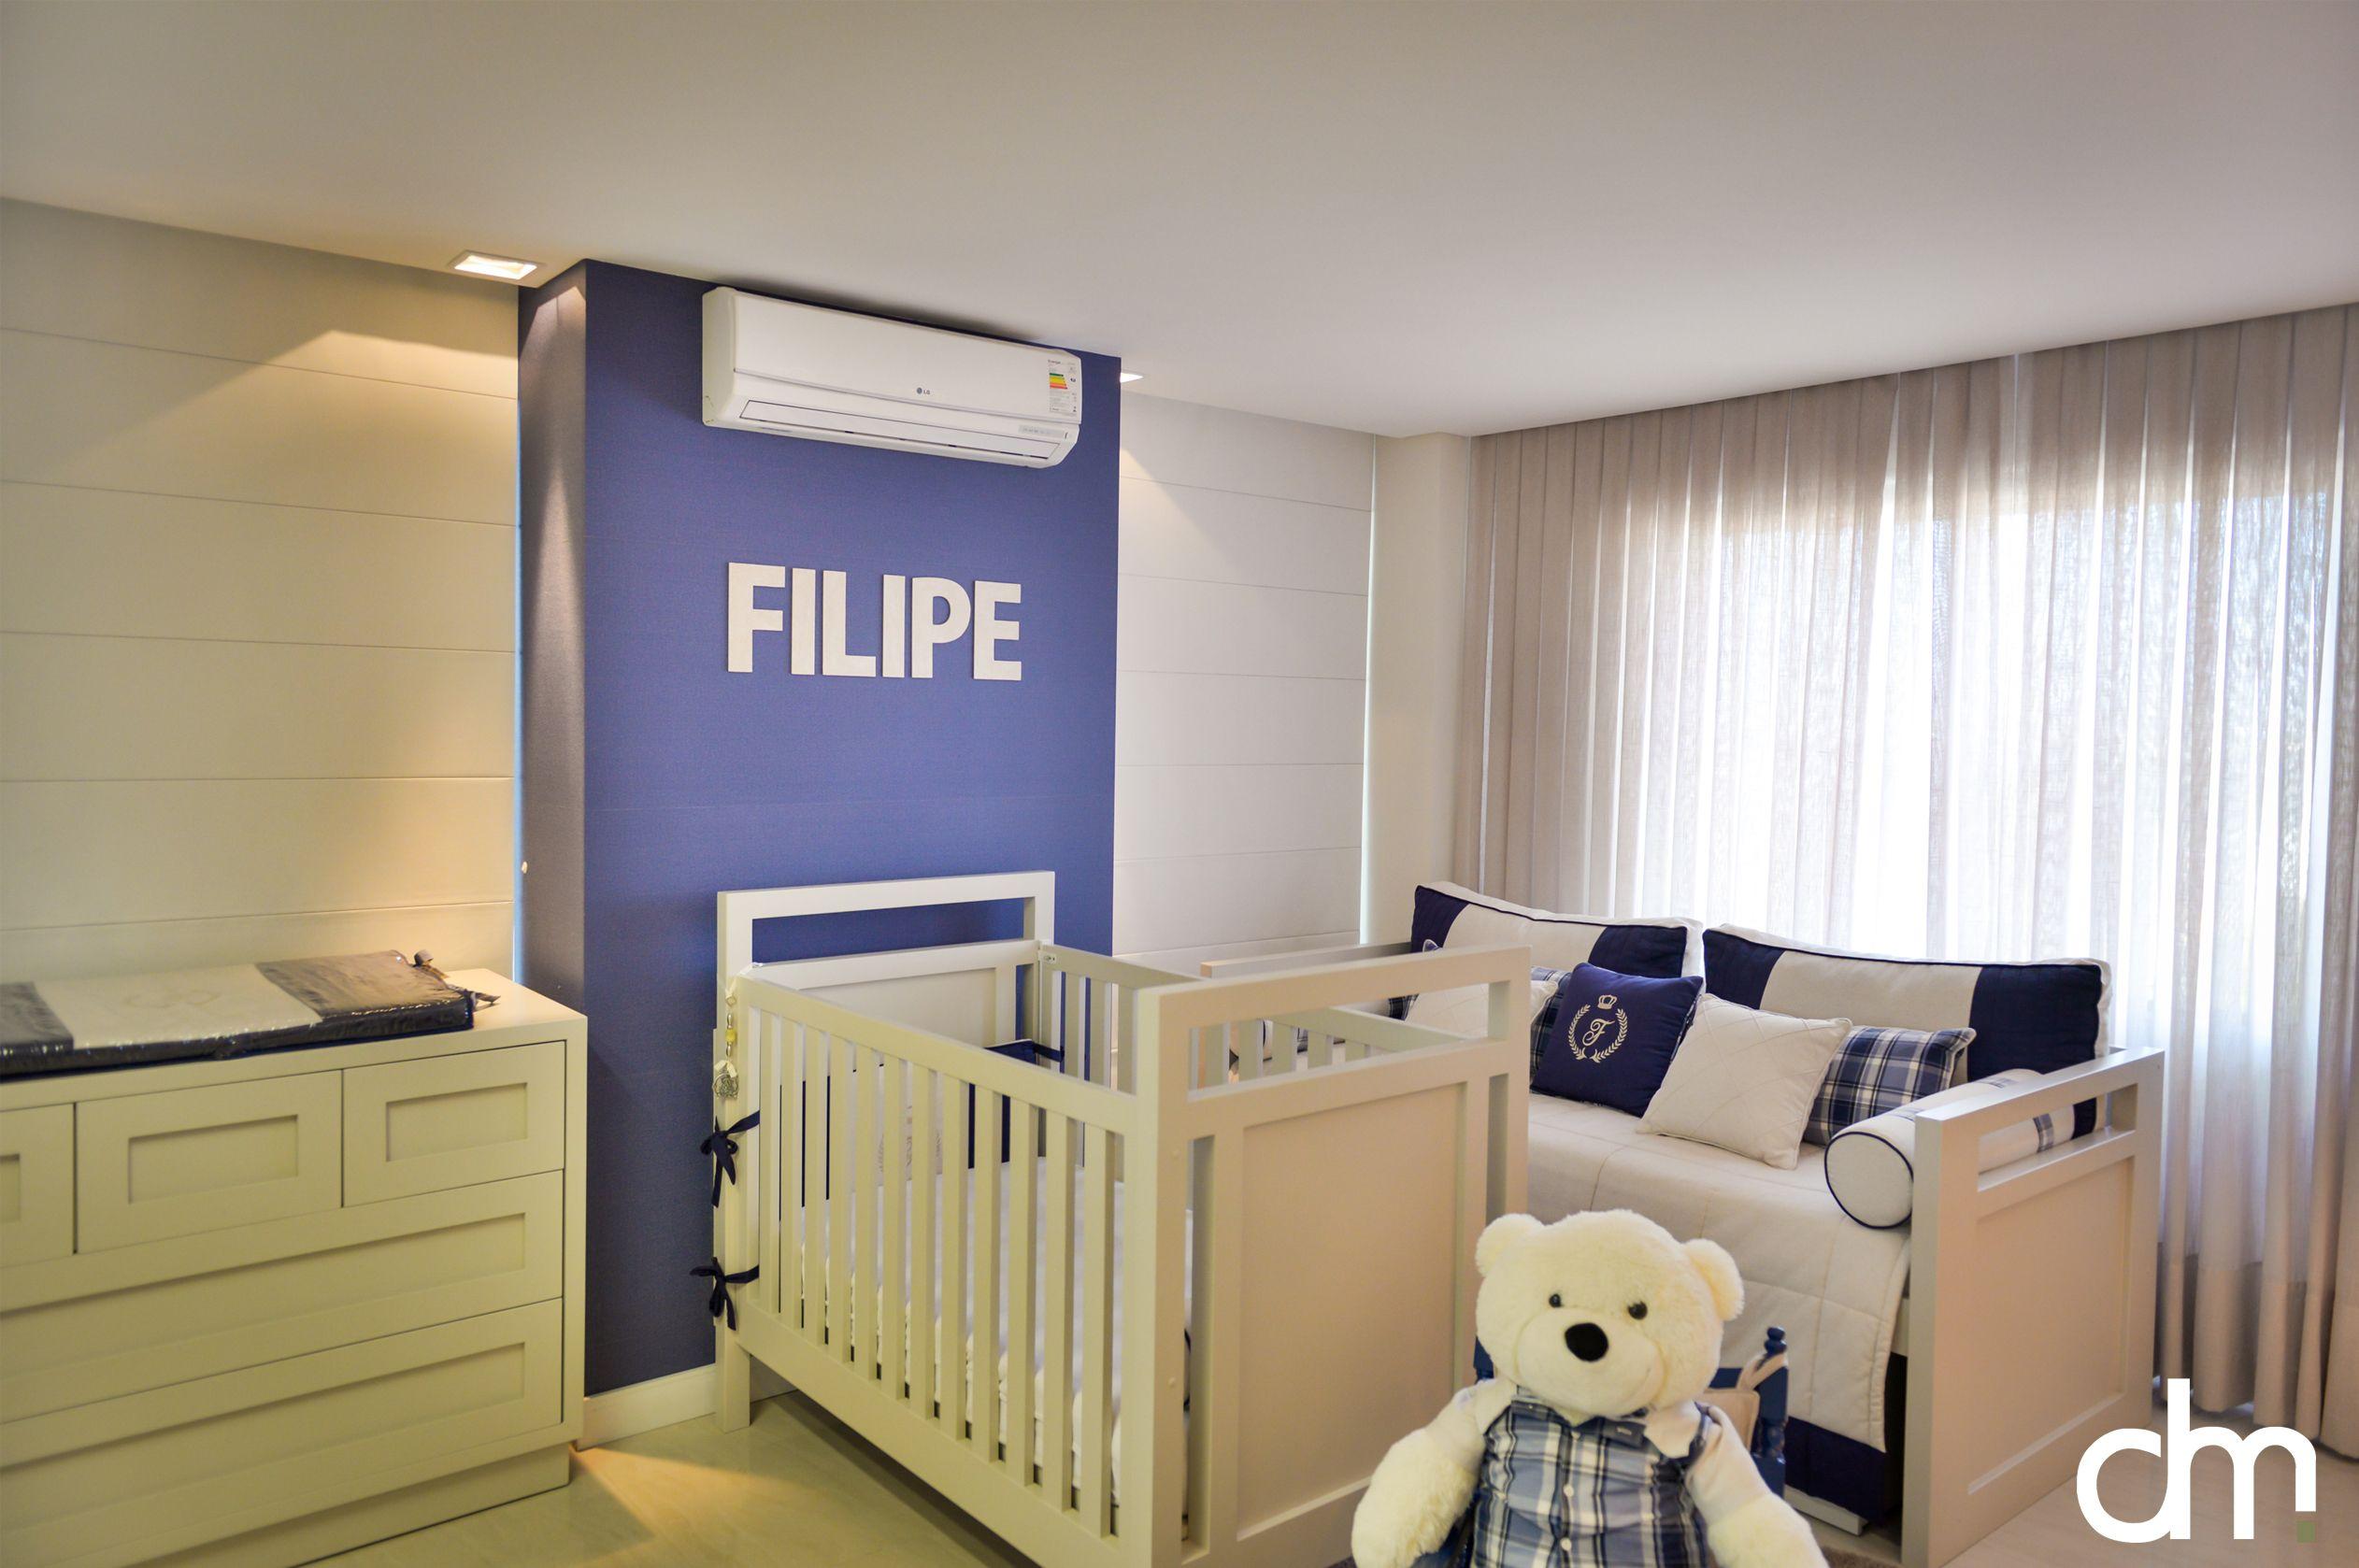 Decora O De Quarto De Beb Em Tons De Azul Marinho Azul Jeans  ~ Quarto Bebe Masculino Azul Marinho